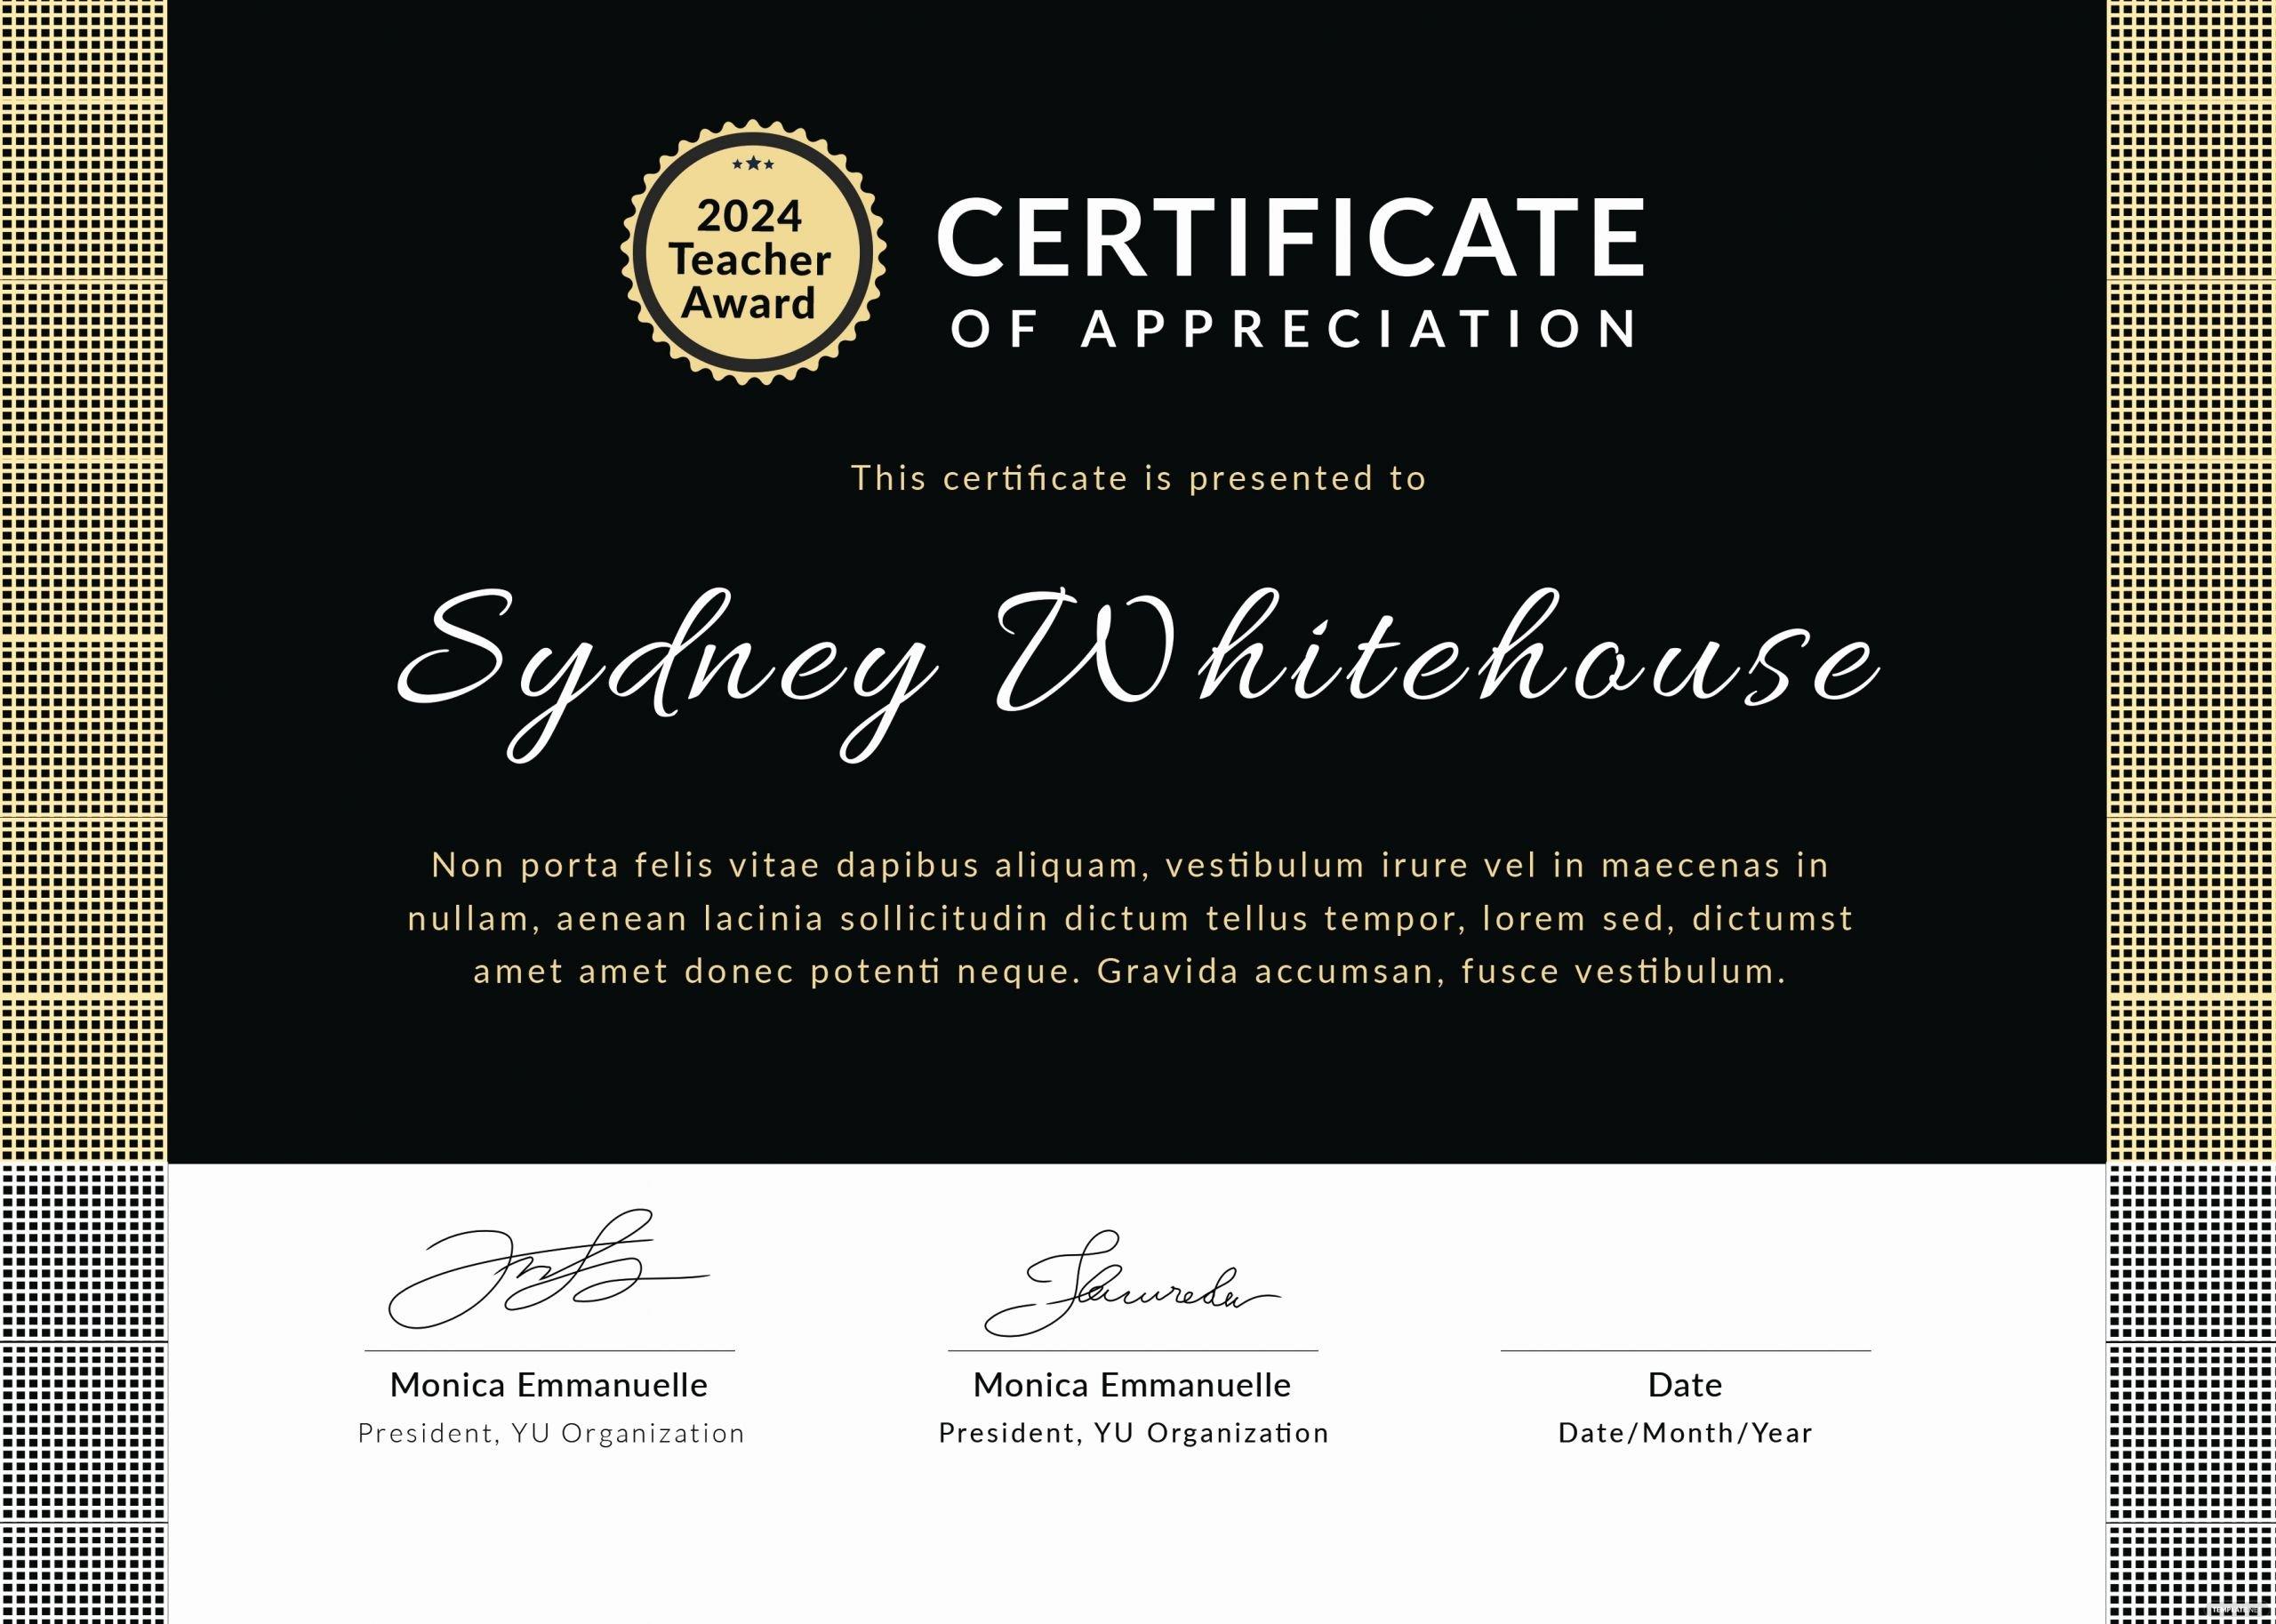 Teacher Appreciation Certificate Template New Free Teacher Appreciation Certificate Template In Adobe